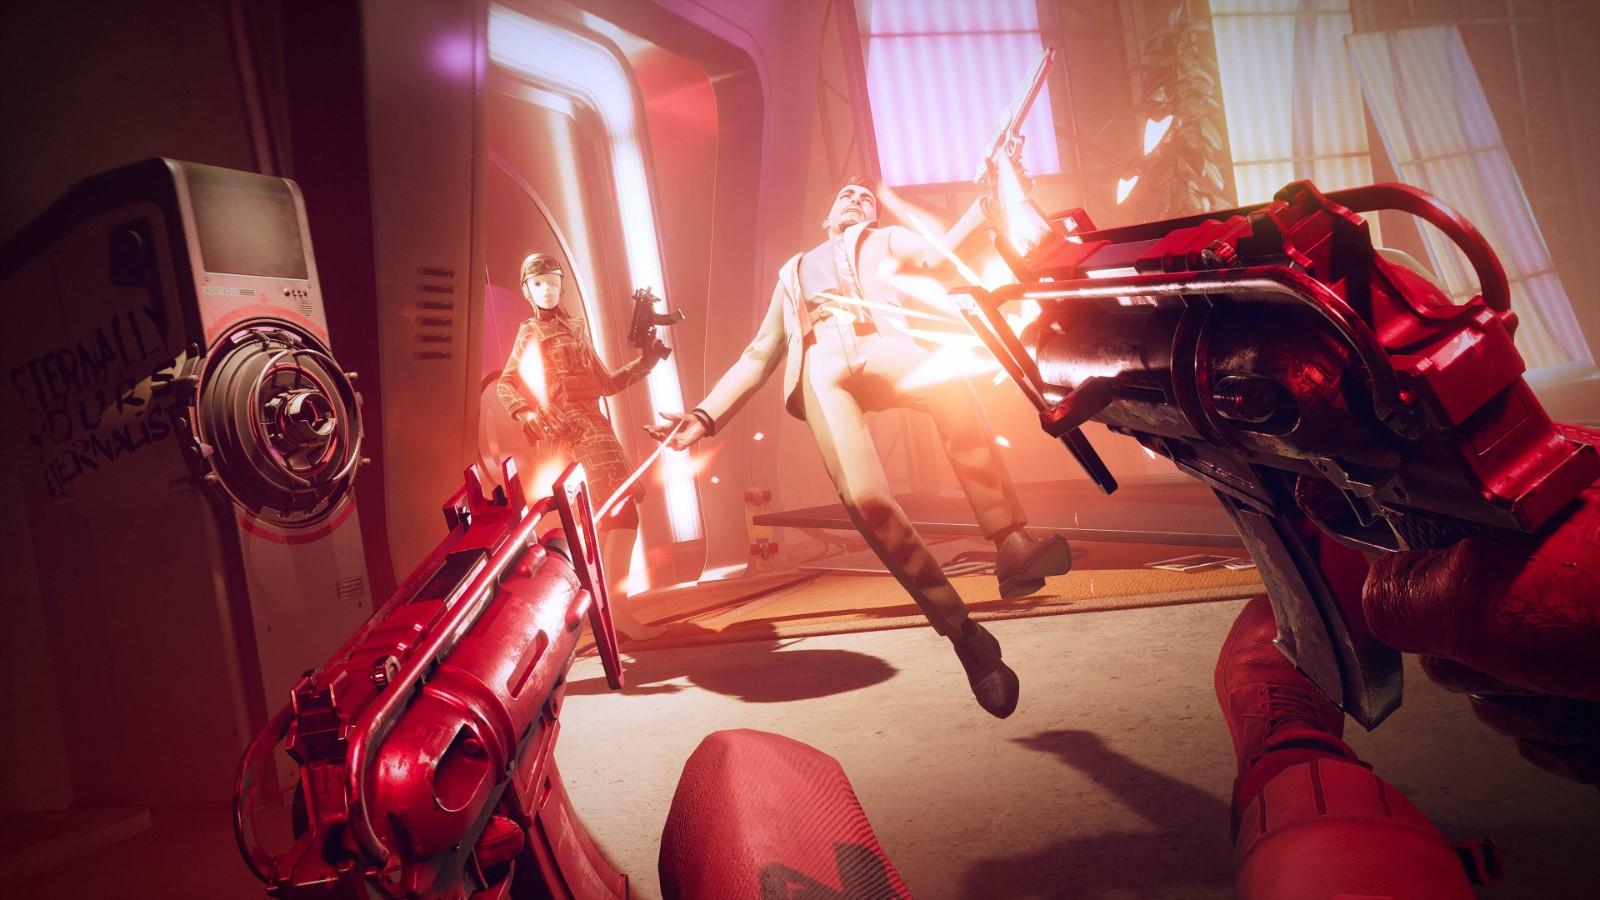 《死亡循环》媒体评价出炉 IGN、GameSpot双10分